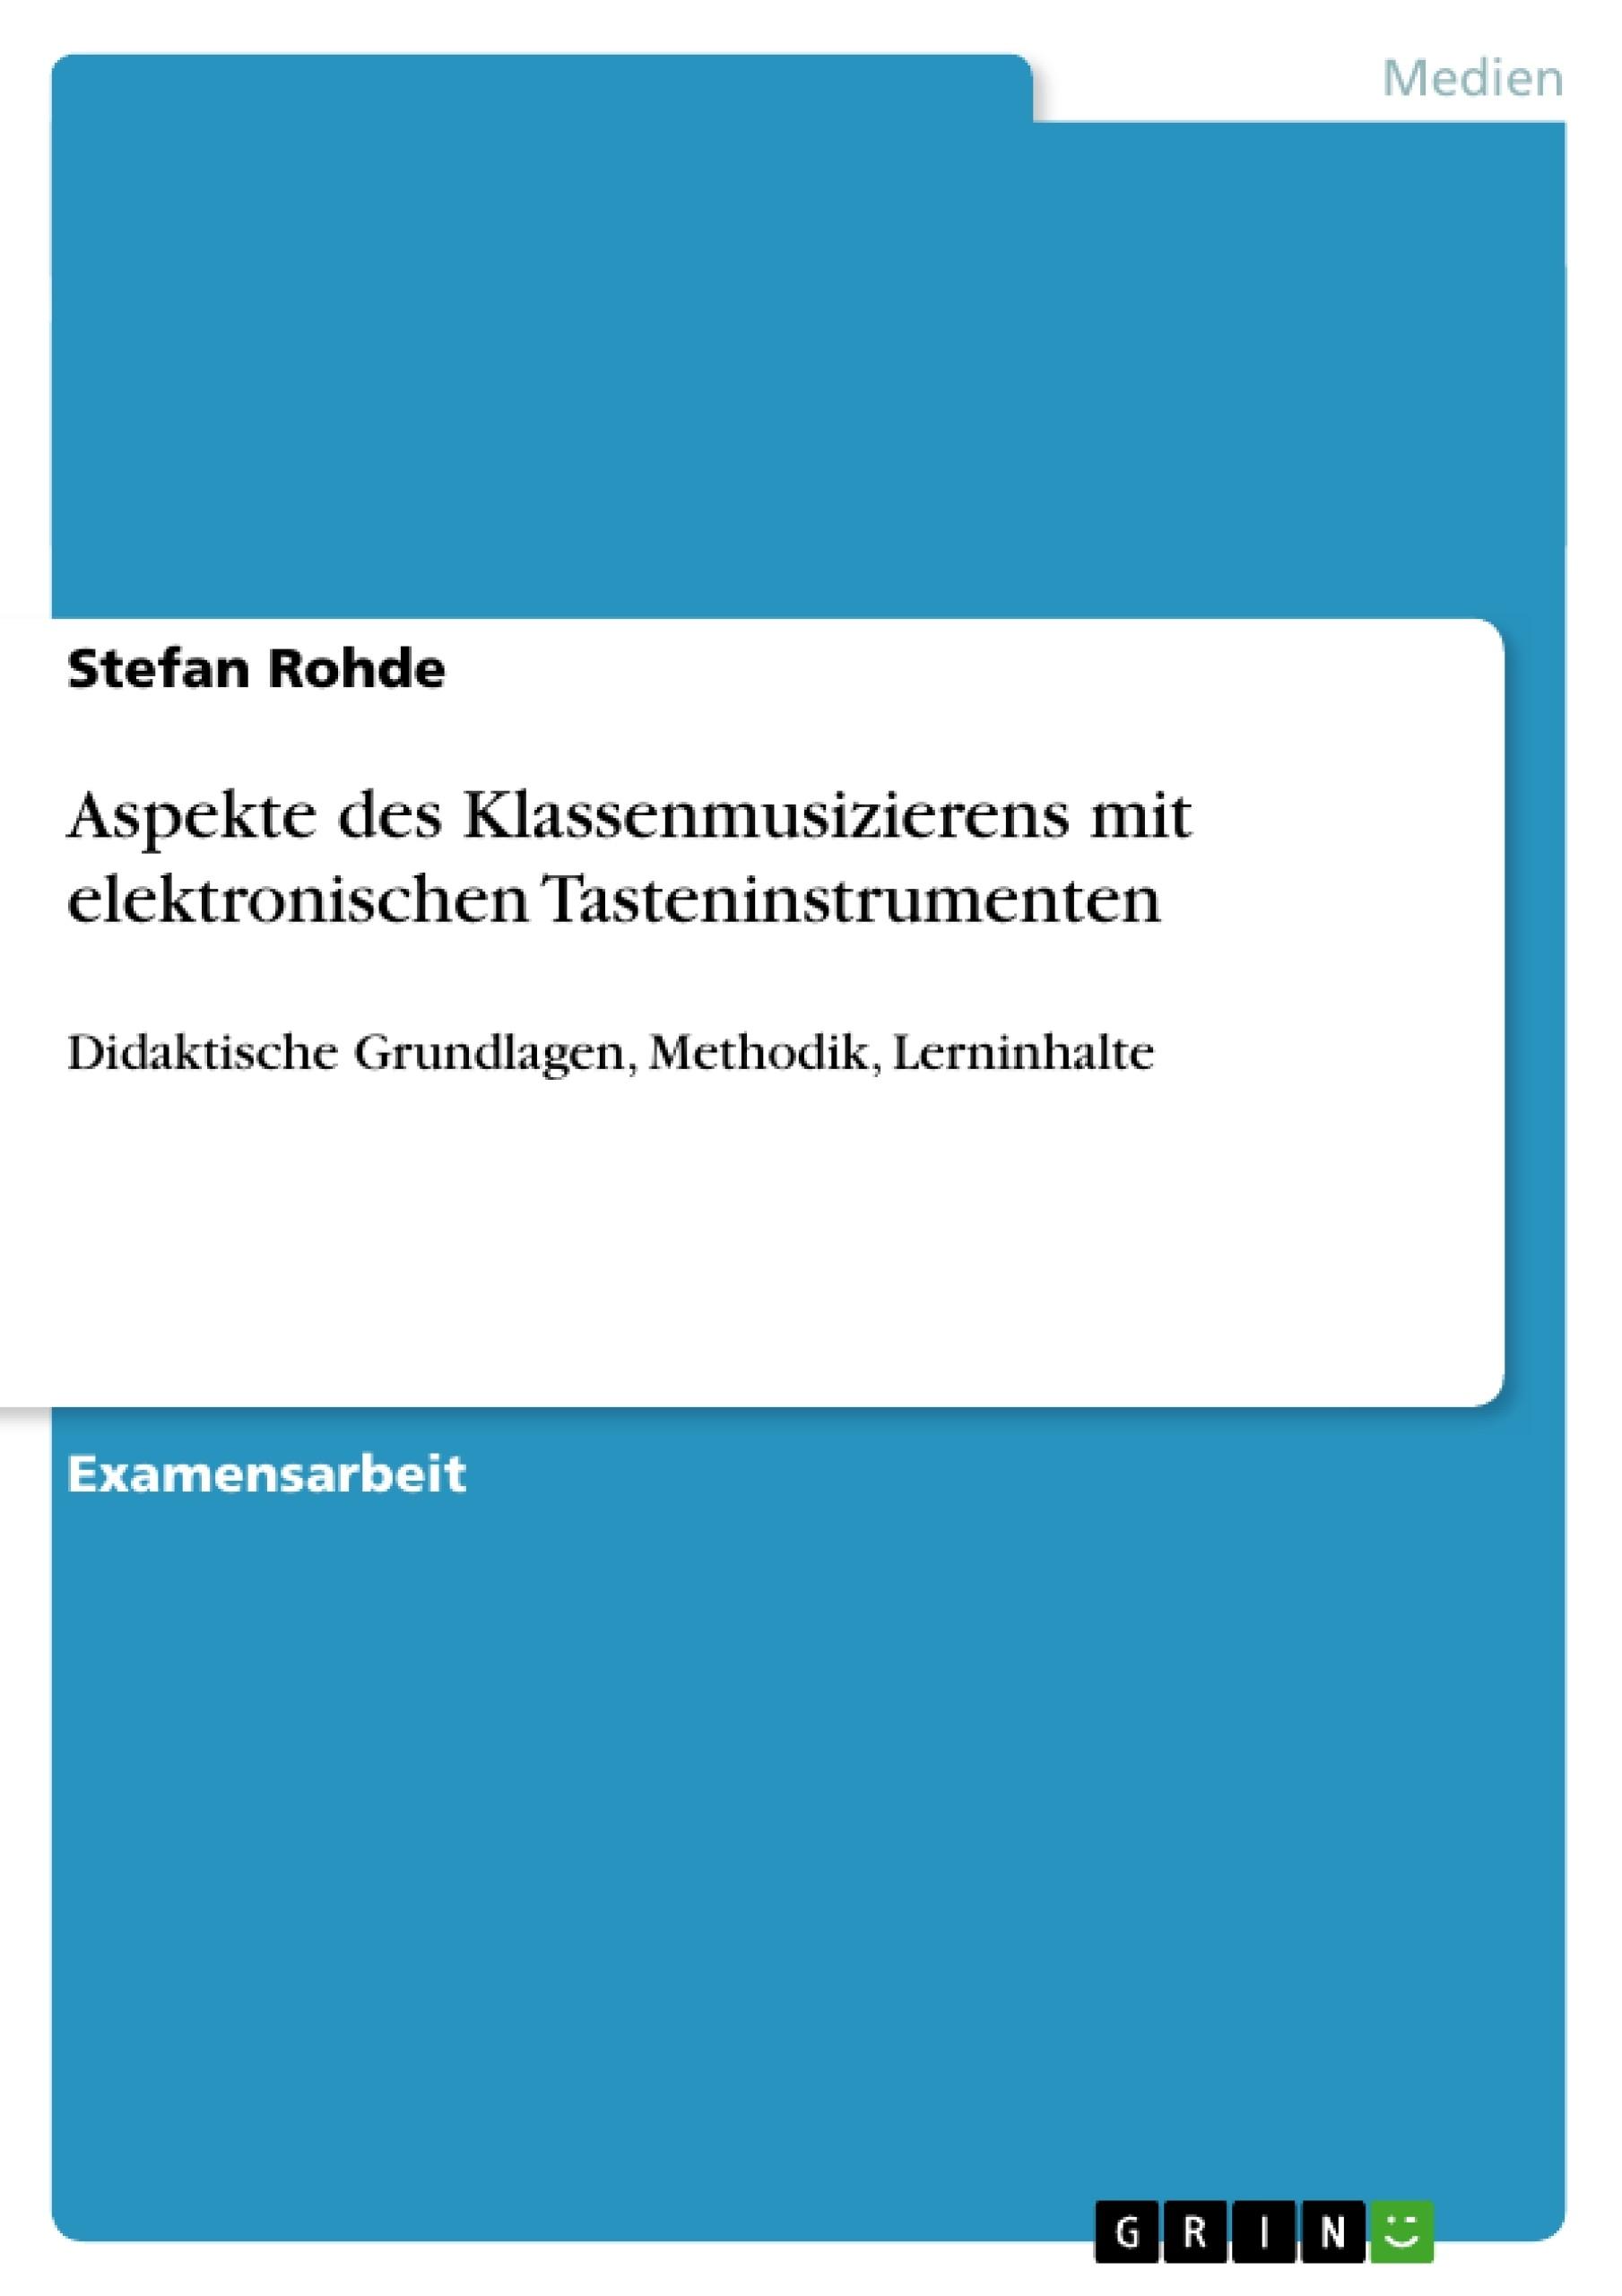 Titel: Aspekte des Klassenmusizierens mit elektronischen Tasteninstrumenten